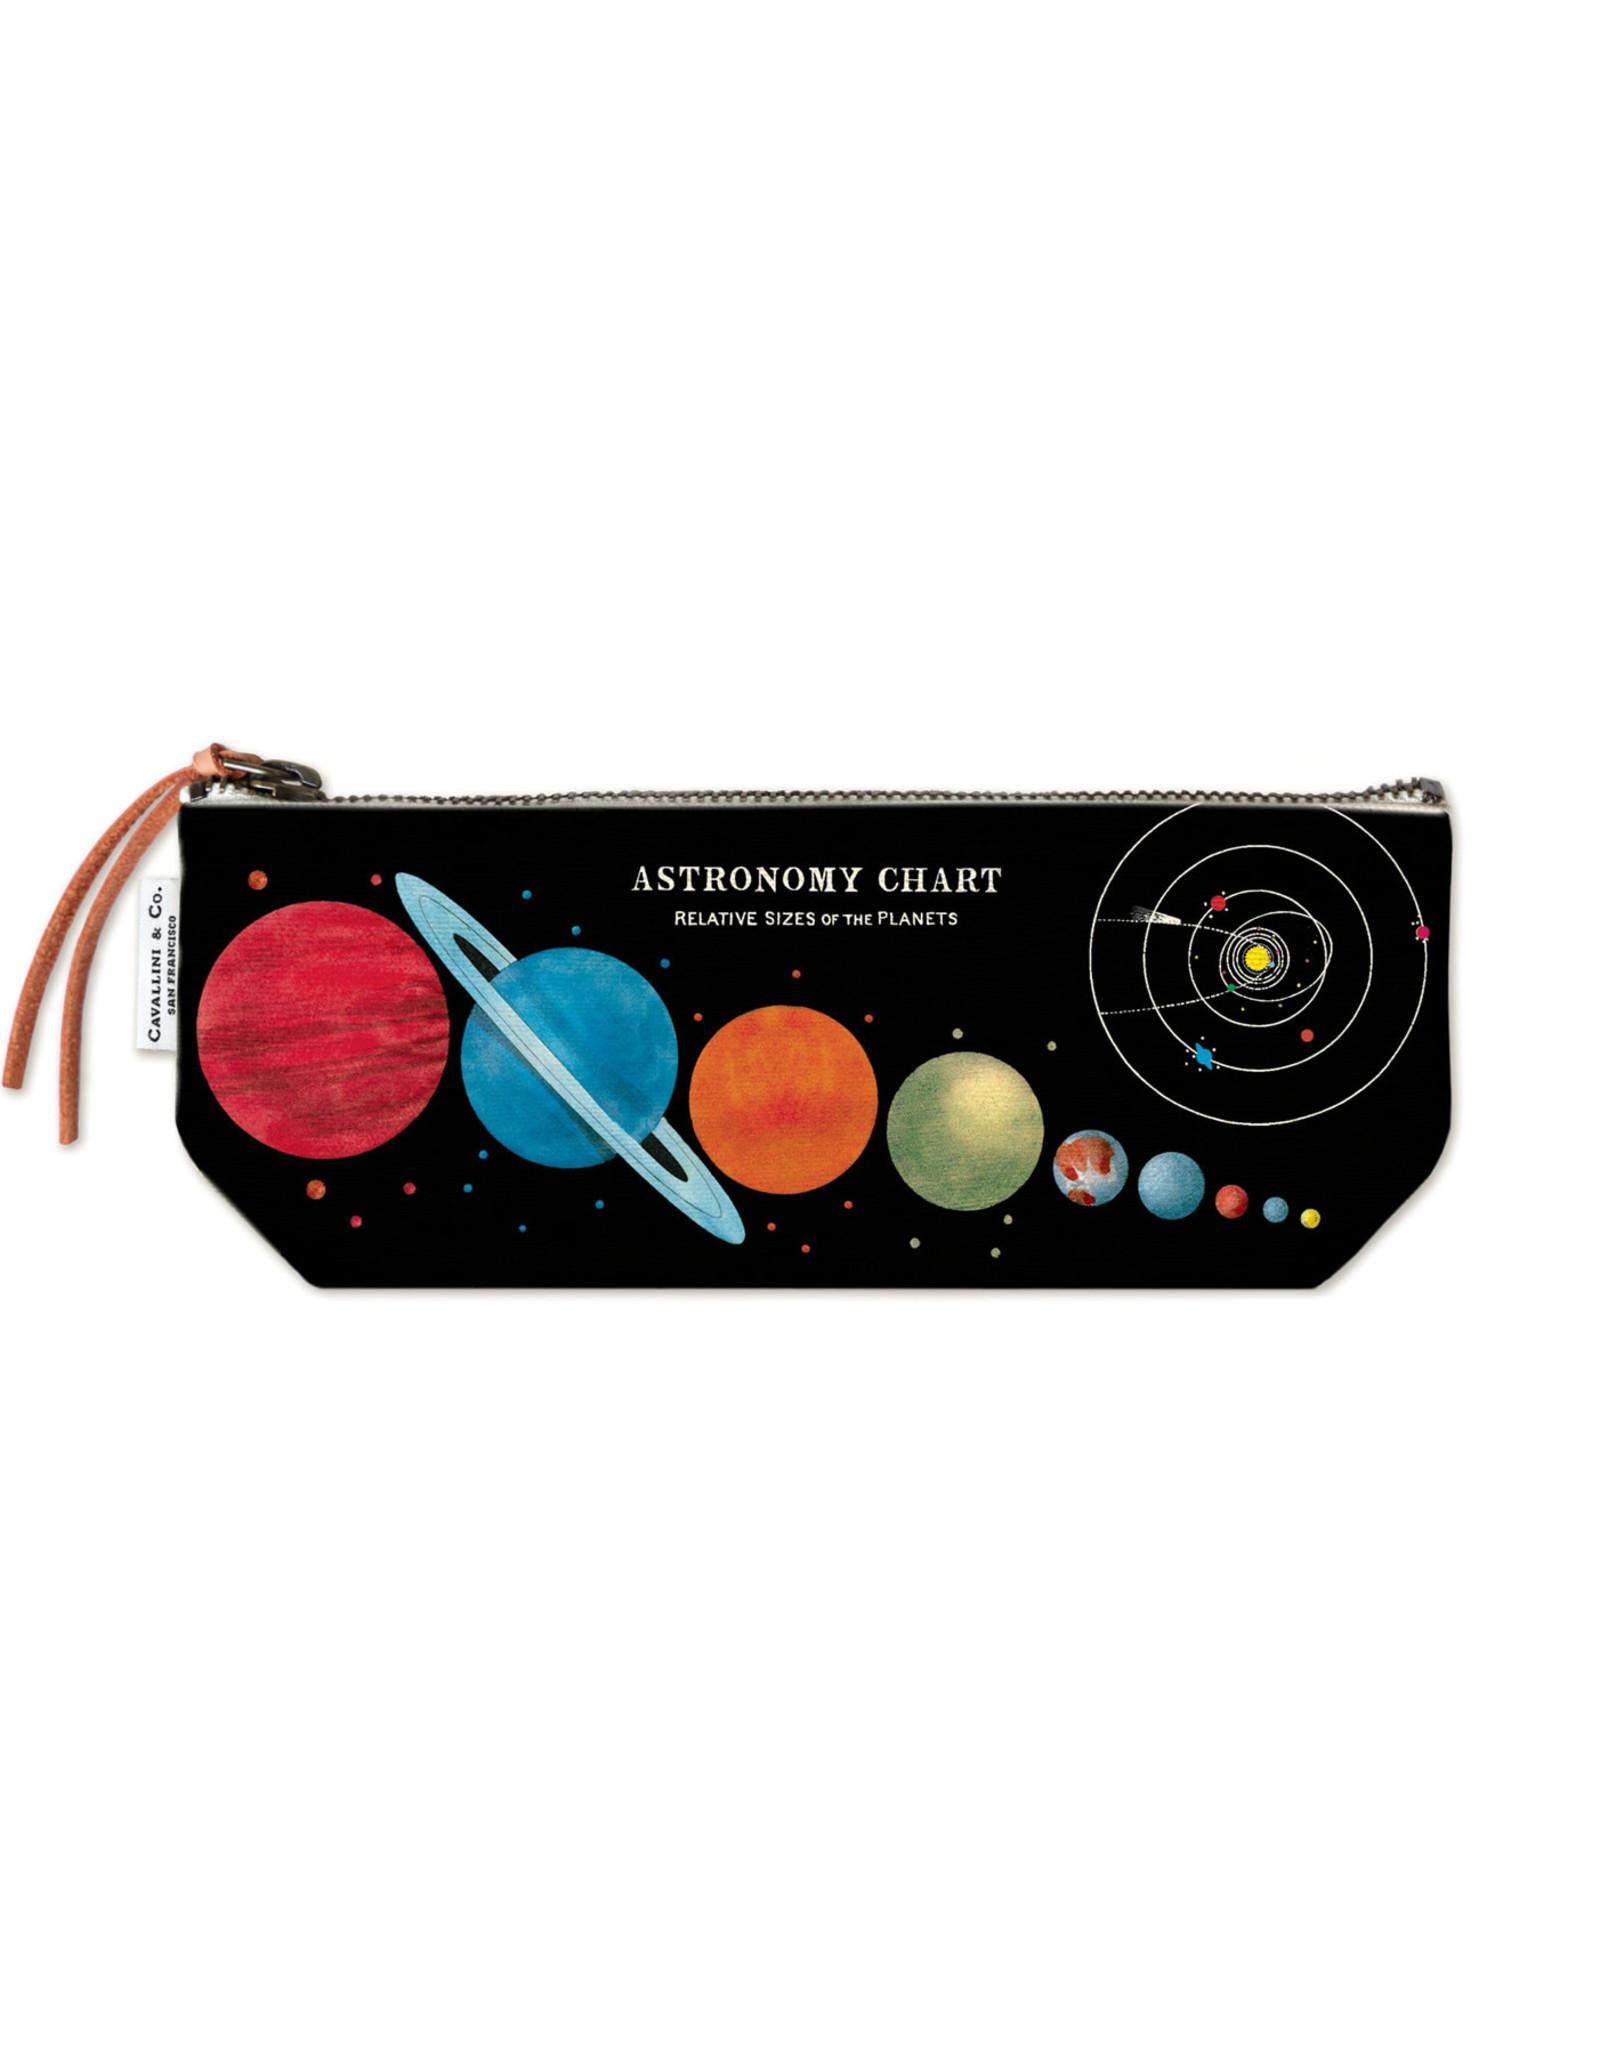 Cavallini Papers & Co. Astronomy Chart Mini Pouch POUCHMINI/ASTRO